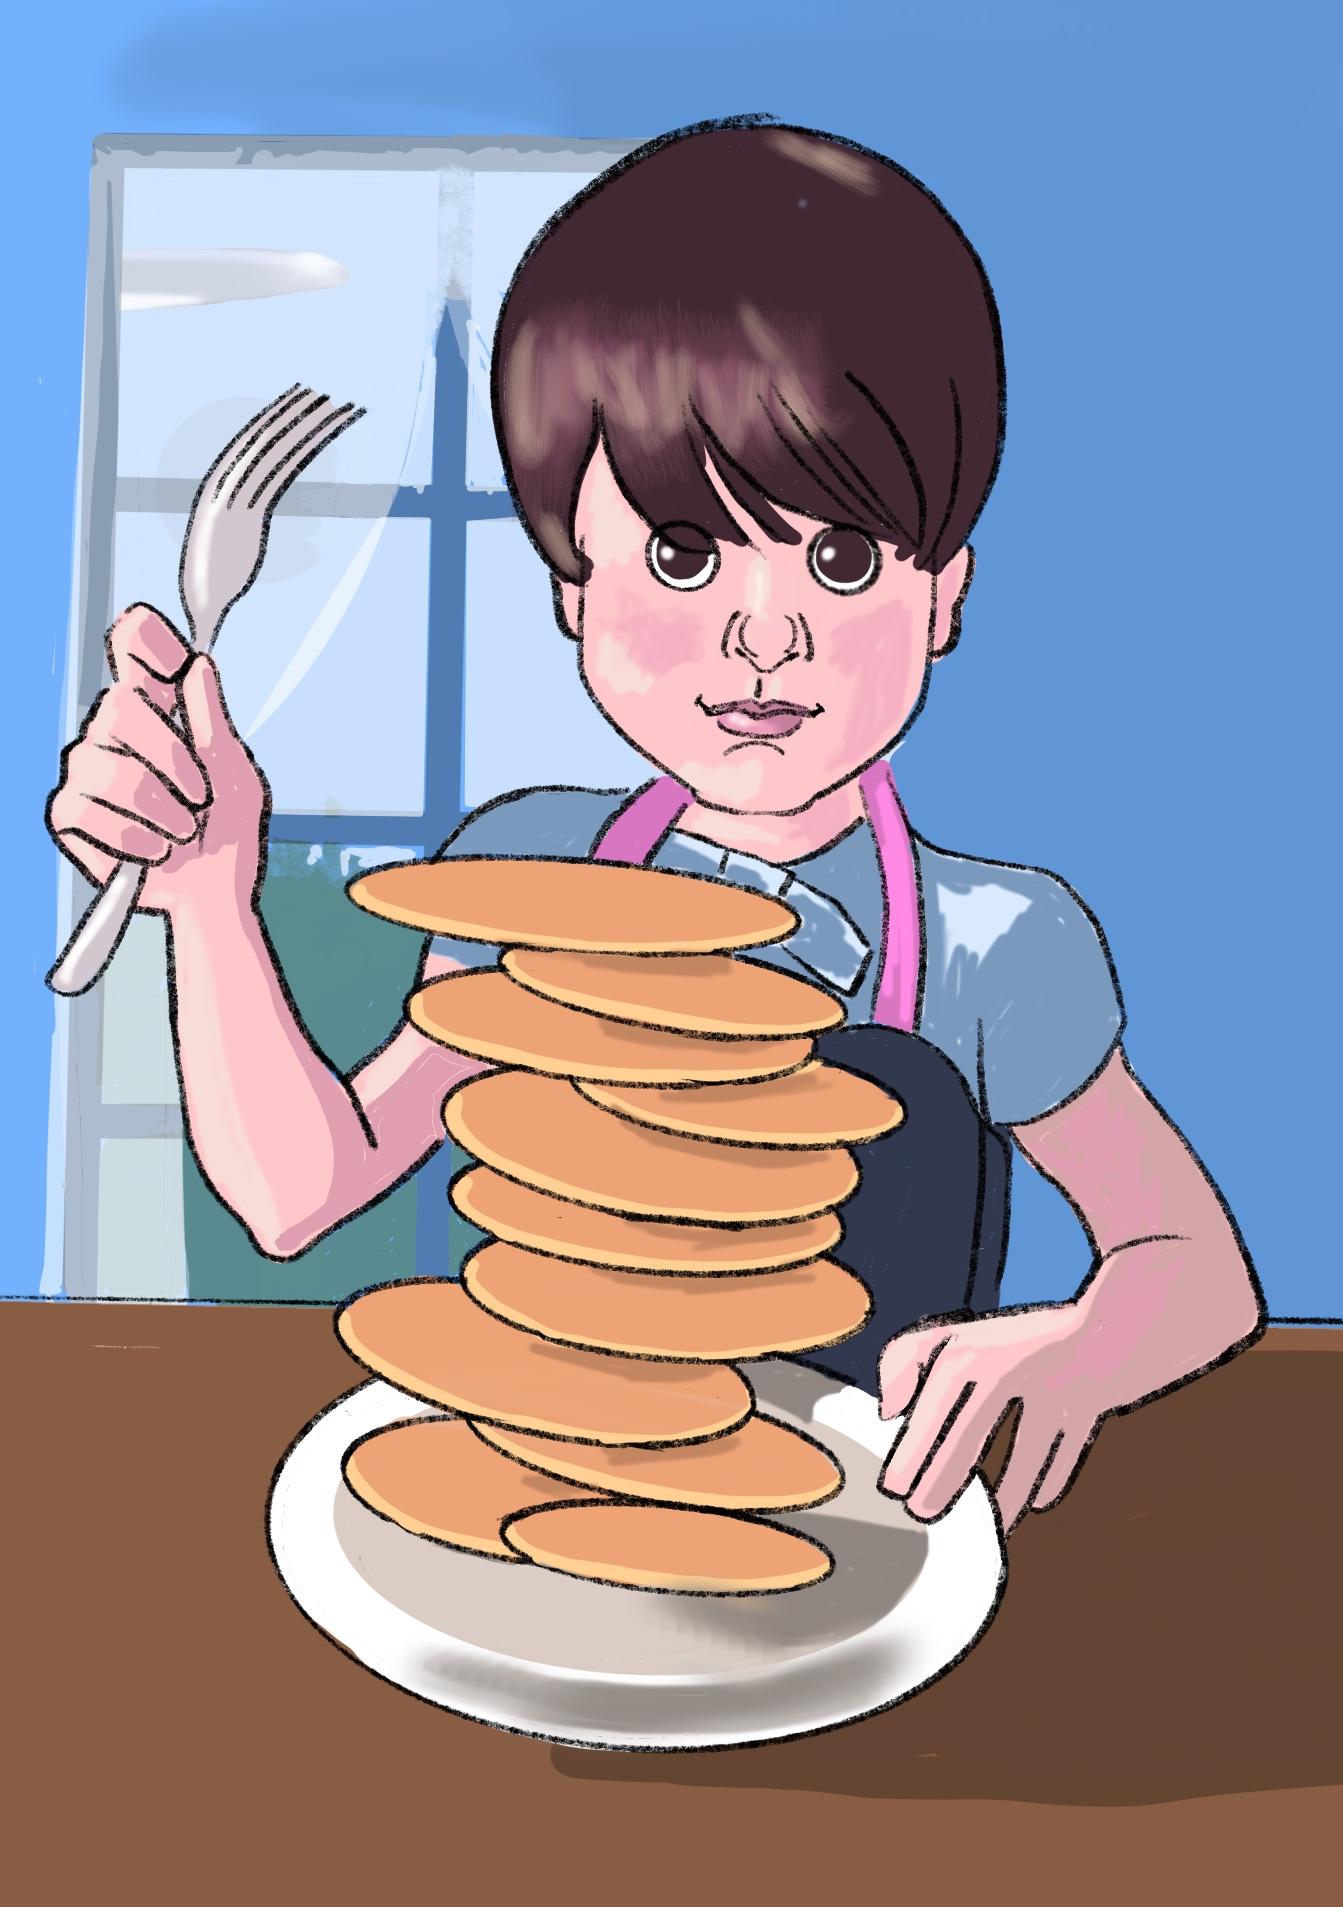 pancakesU